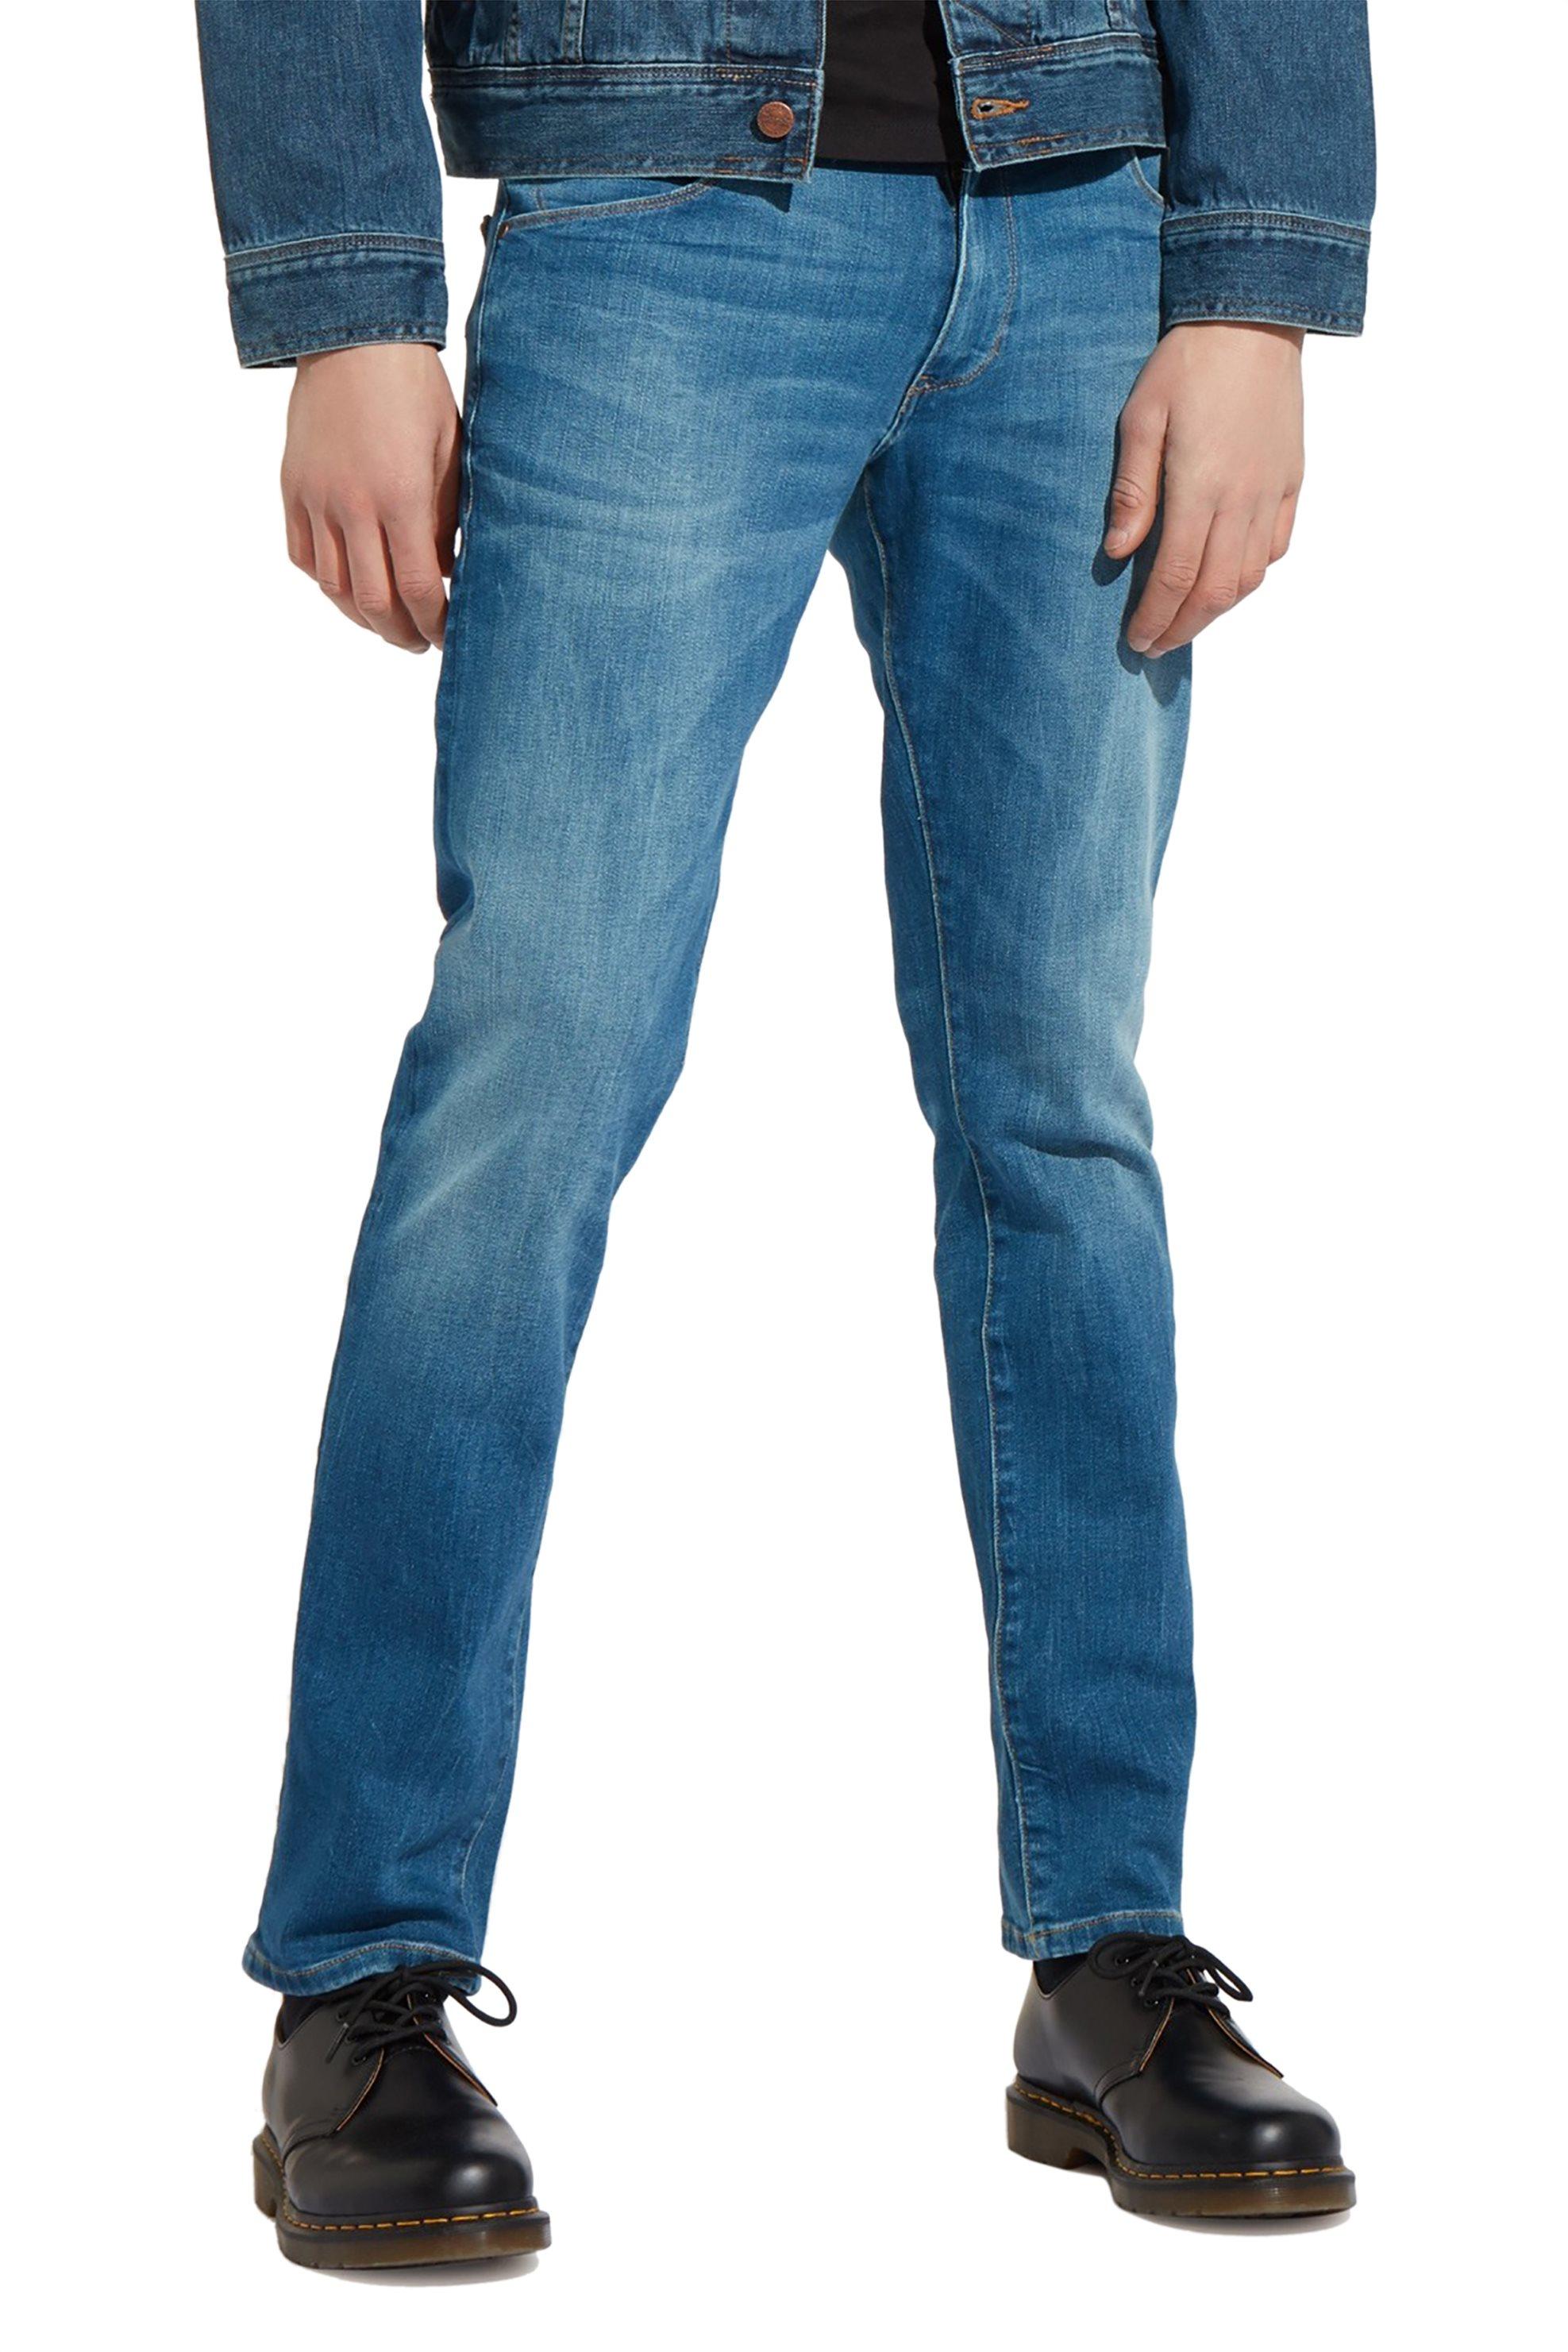 Wrangler ανδρικό τζην παντελόνι Larston Far Green - W18S99029 - Μπλε ανδρασ   ρουχα   jeans   tapered